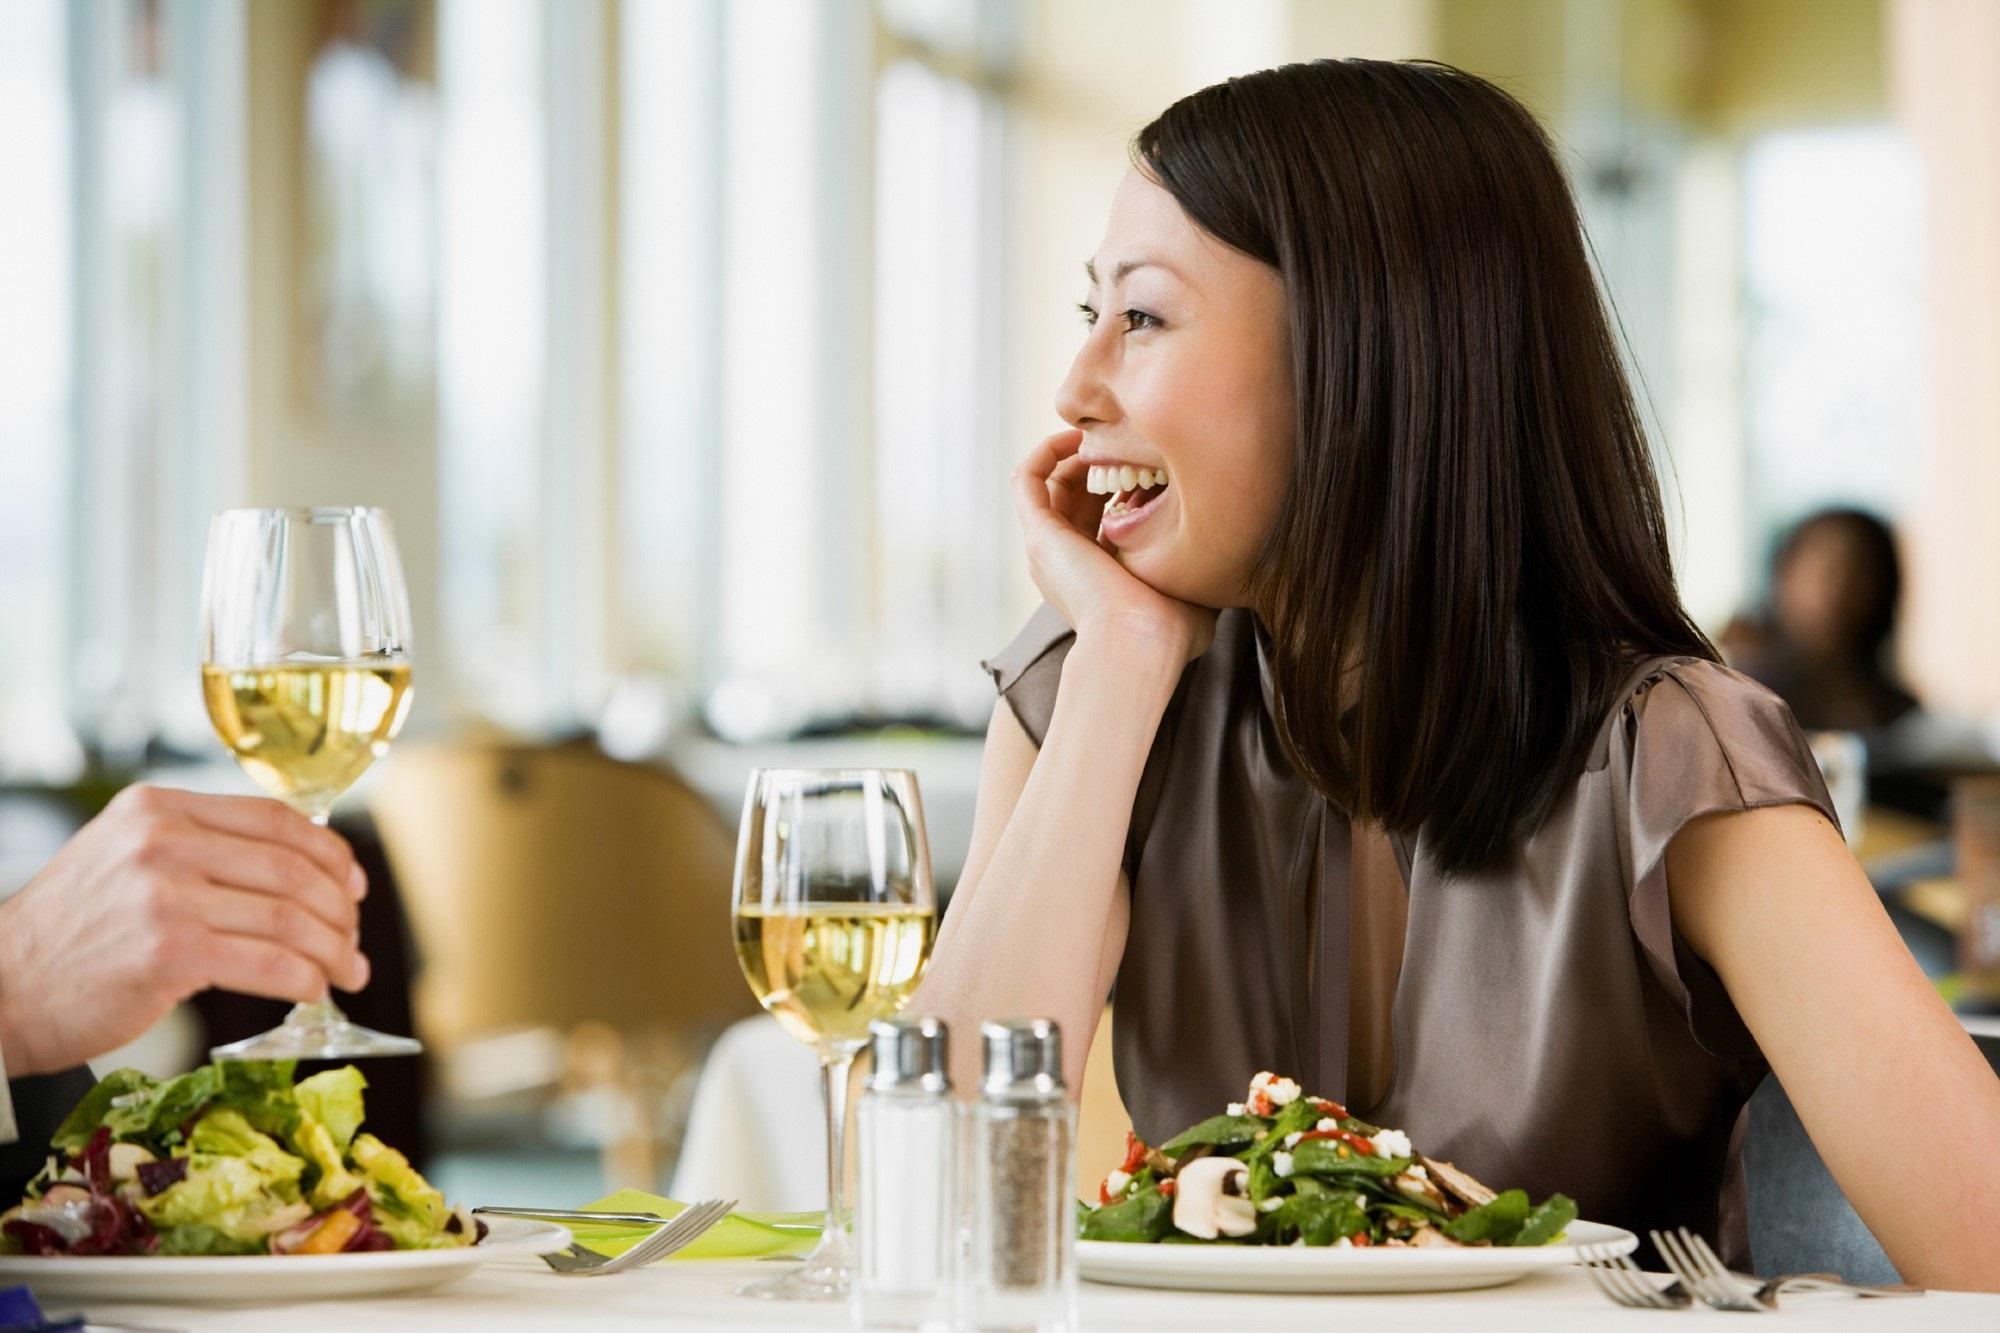 90% chị em mắc phải 1 trong số những lỗi này khi đi ăn nhà hàng, xinh đẹp bao nhiêu vẫn kém sang! - Ảnh 7